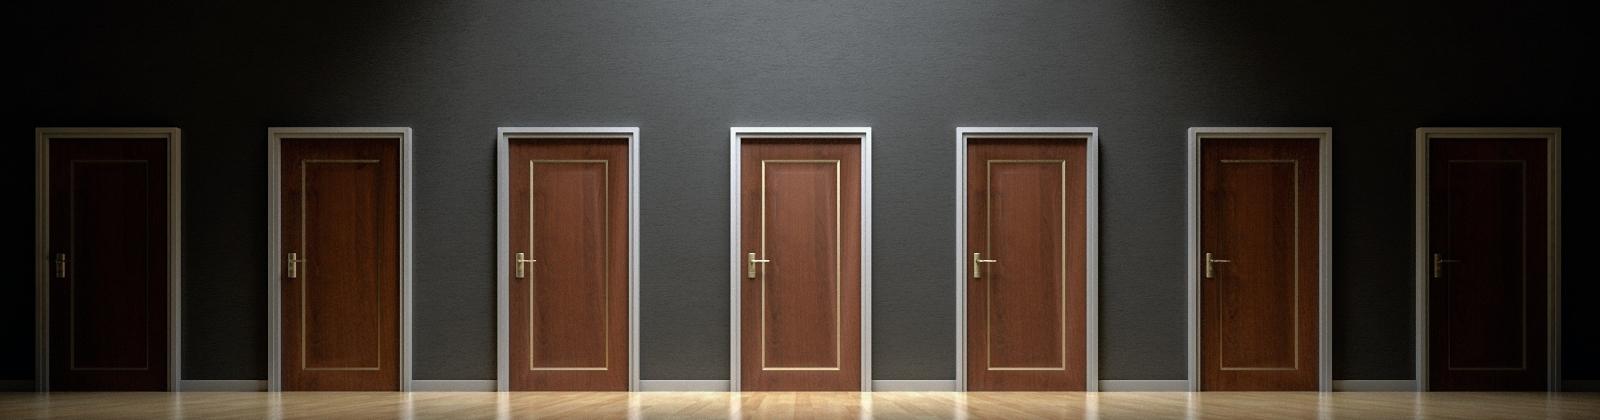 Sieben geschlossene Türen in einer dunklen Wand